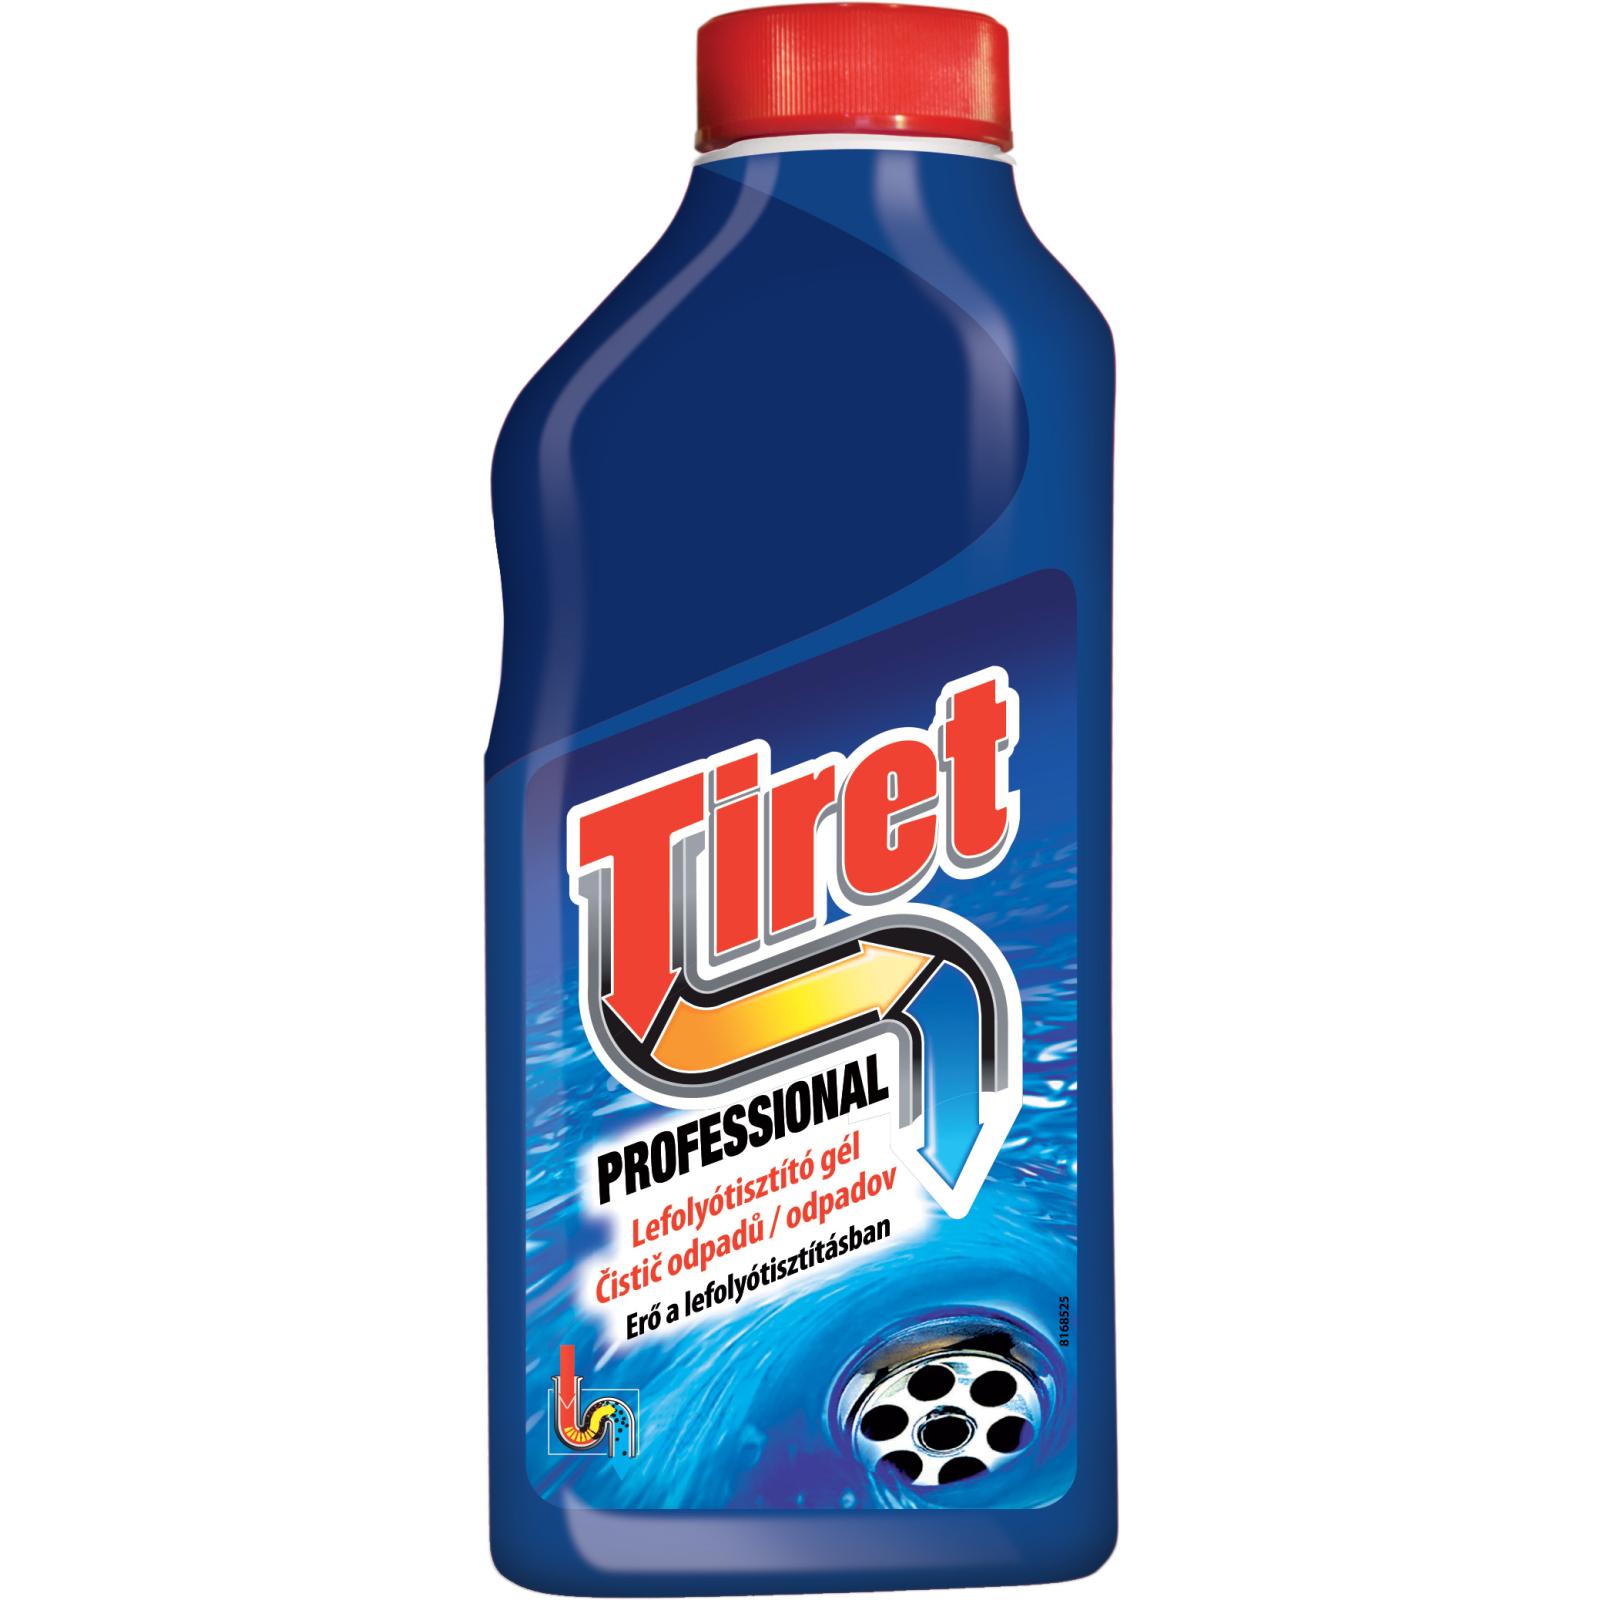 Чистящий гель Tiret для удаления засоров в трубах 500 мл (5903267000415/8594002680282)